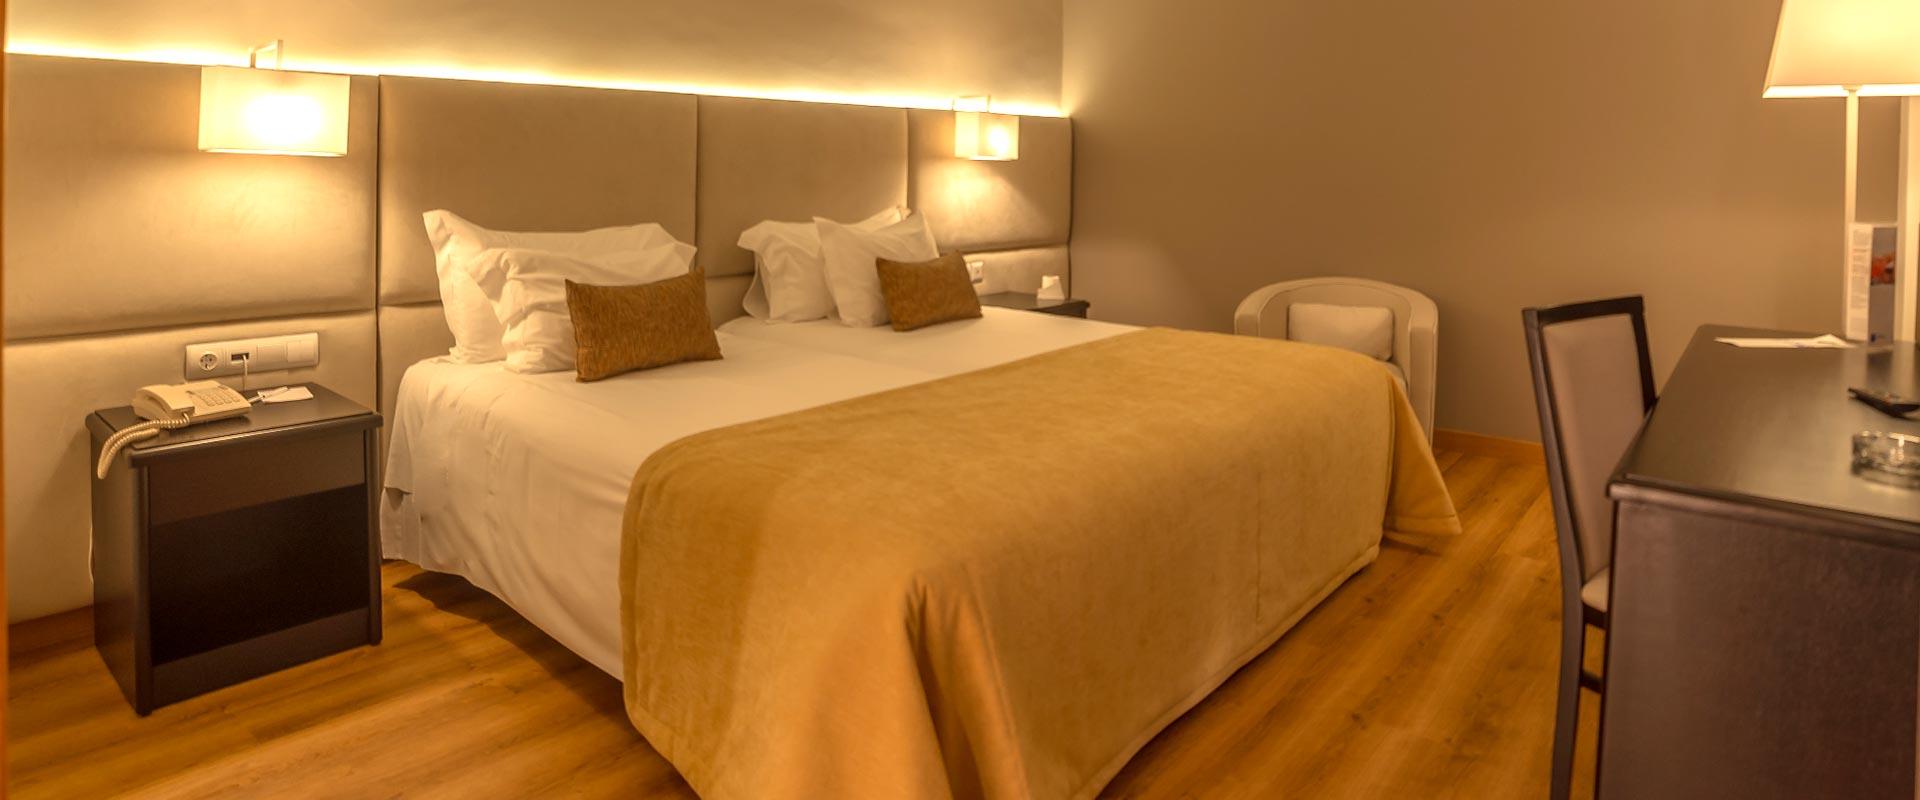 Dona-Maria-RMPZ-Hotel-M-QAmarelol.jpg